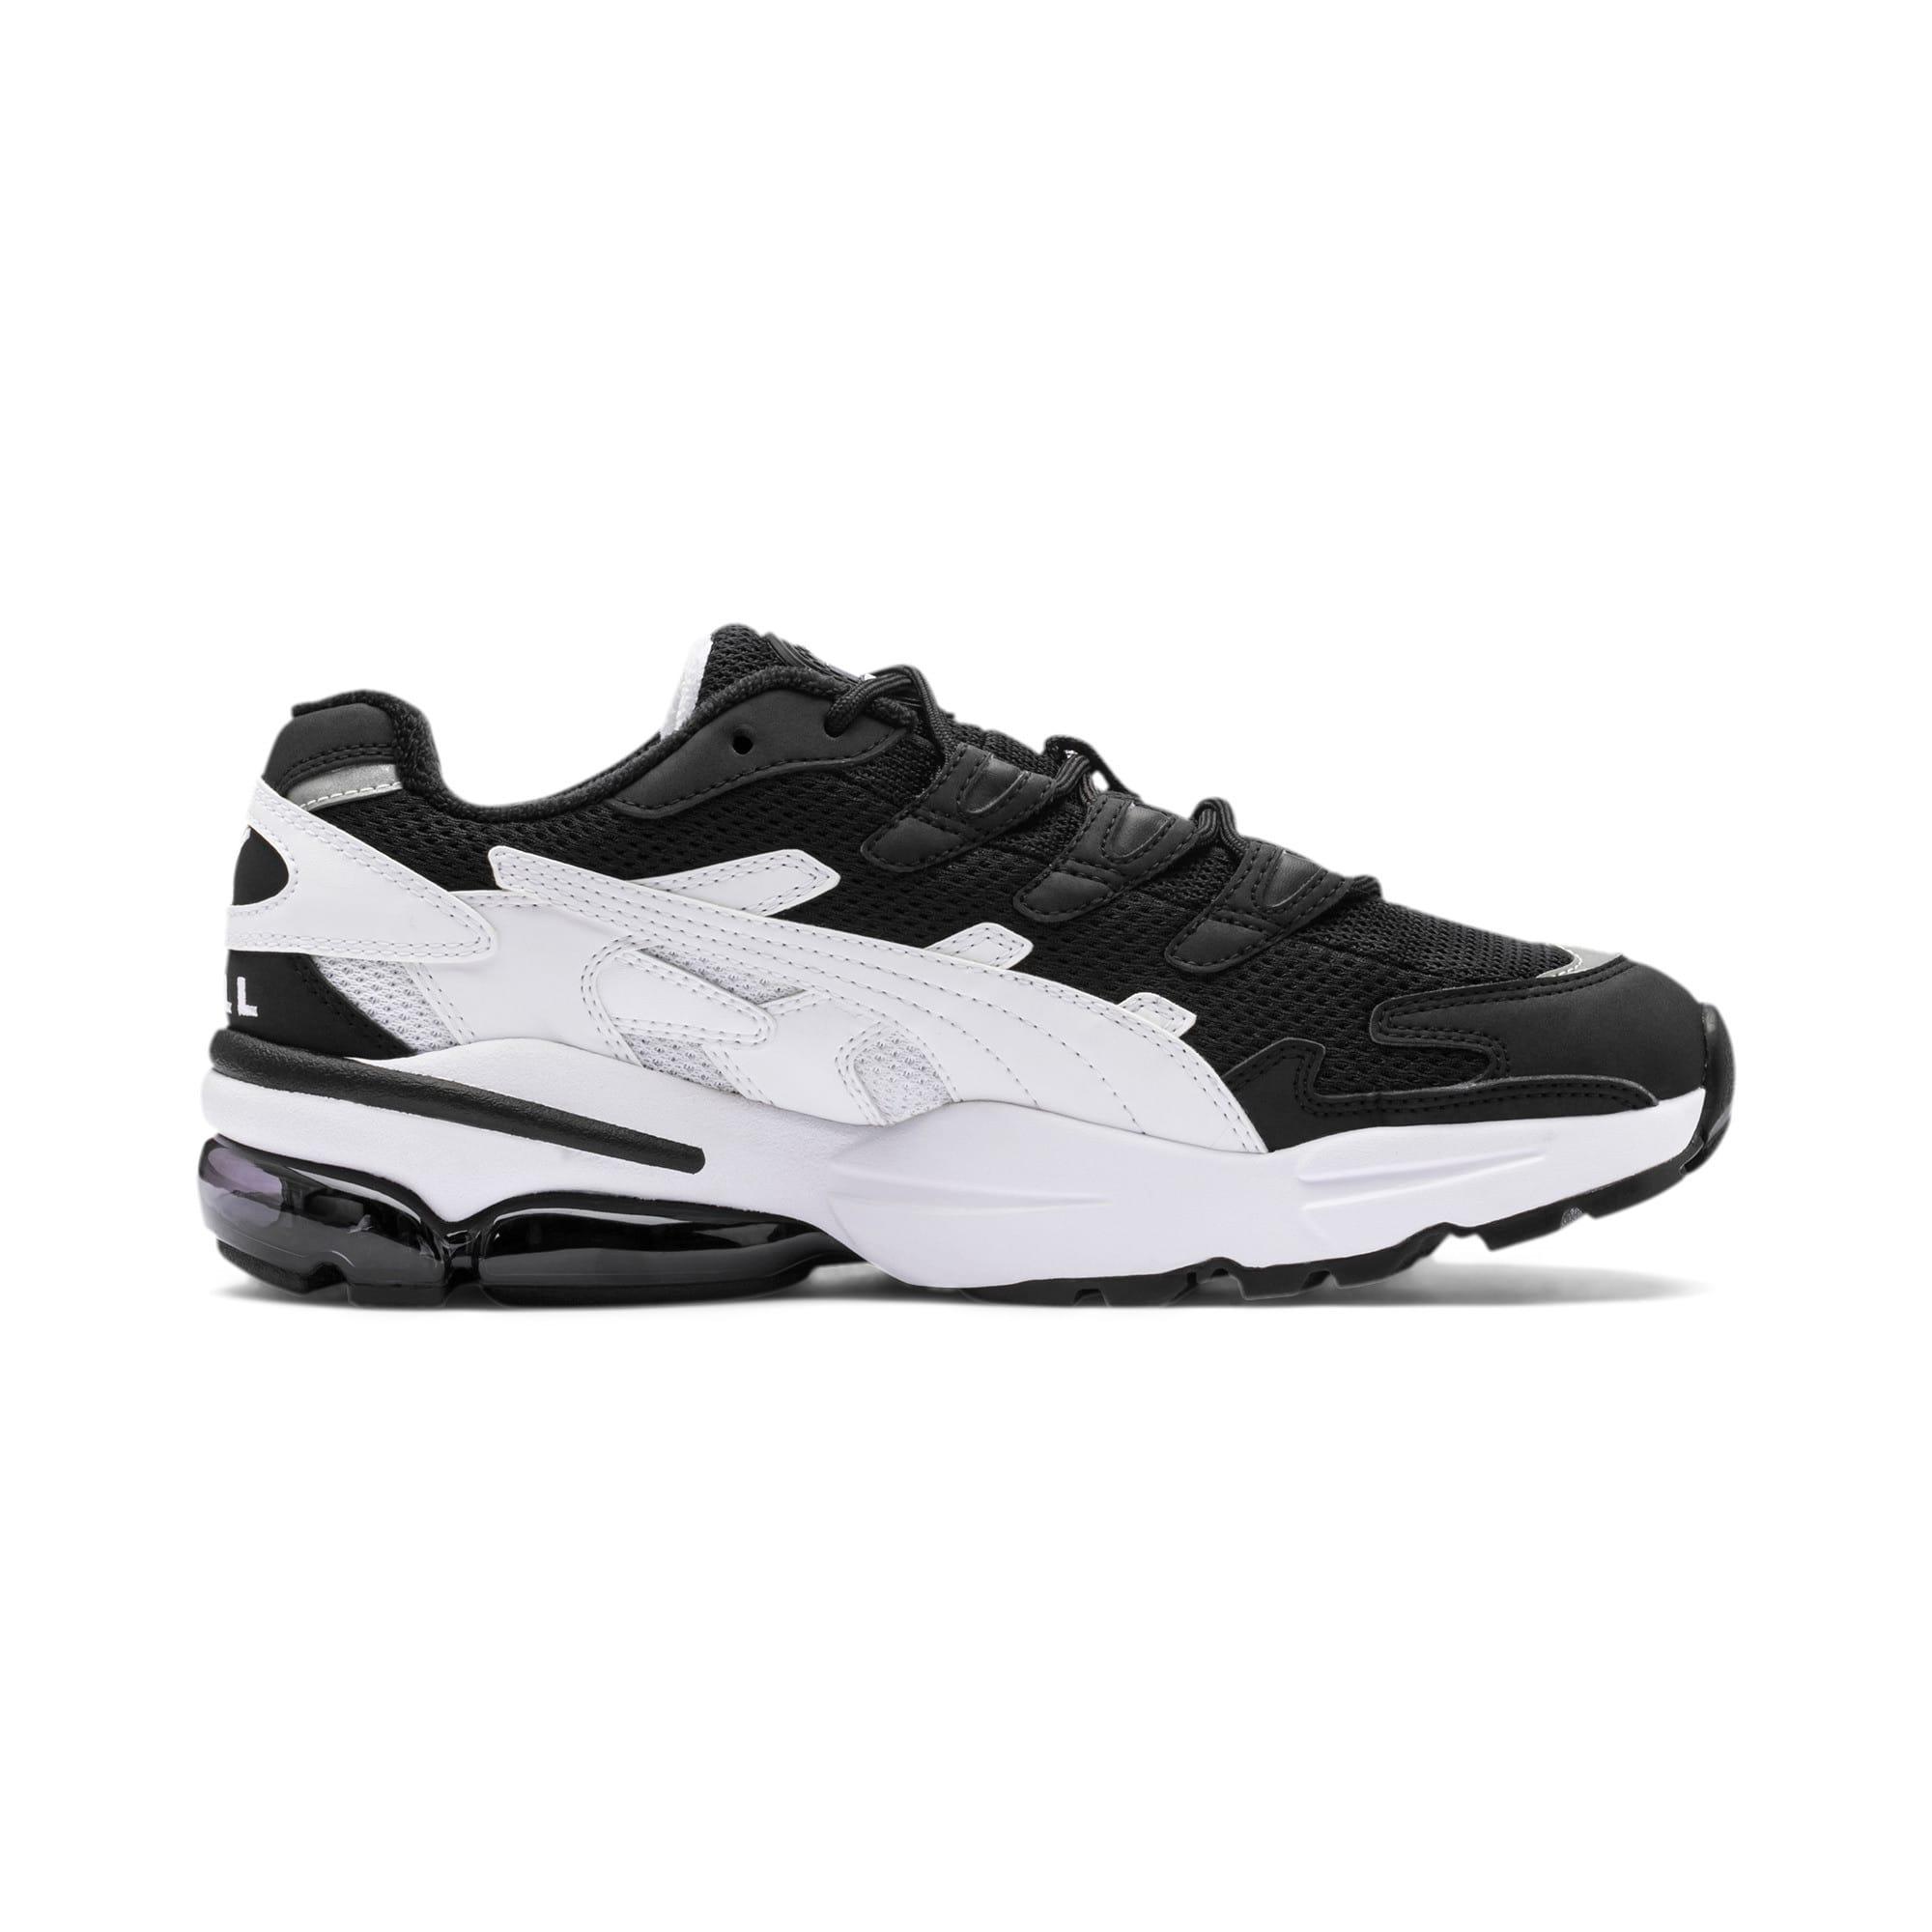 Thumbnail 6 of CELL Alien OG Sneaker, Puma Black-Puma White, medium